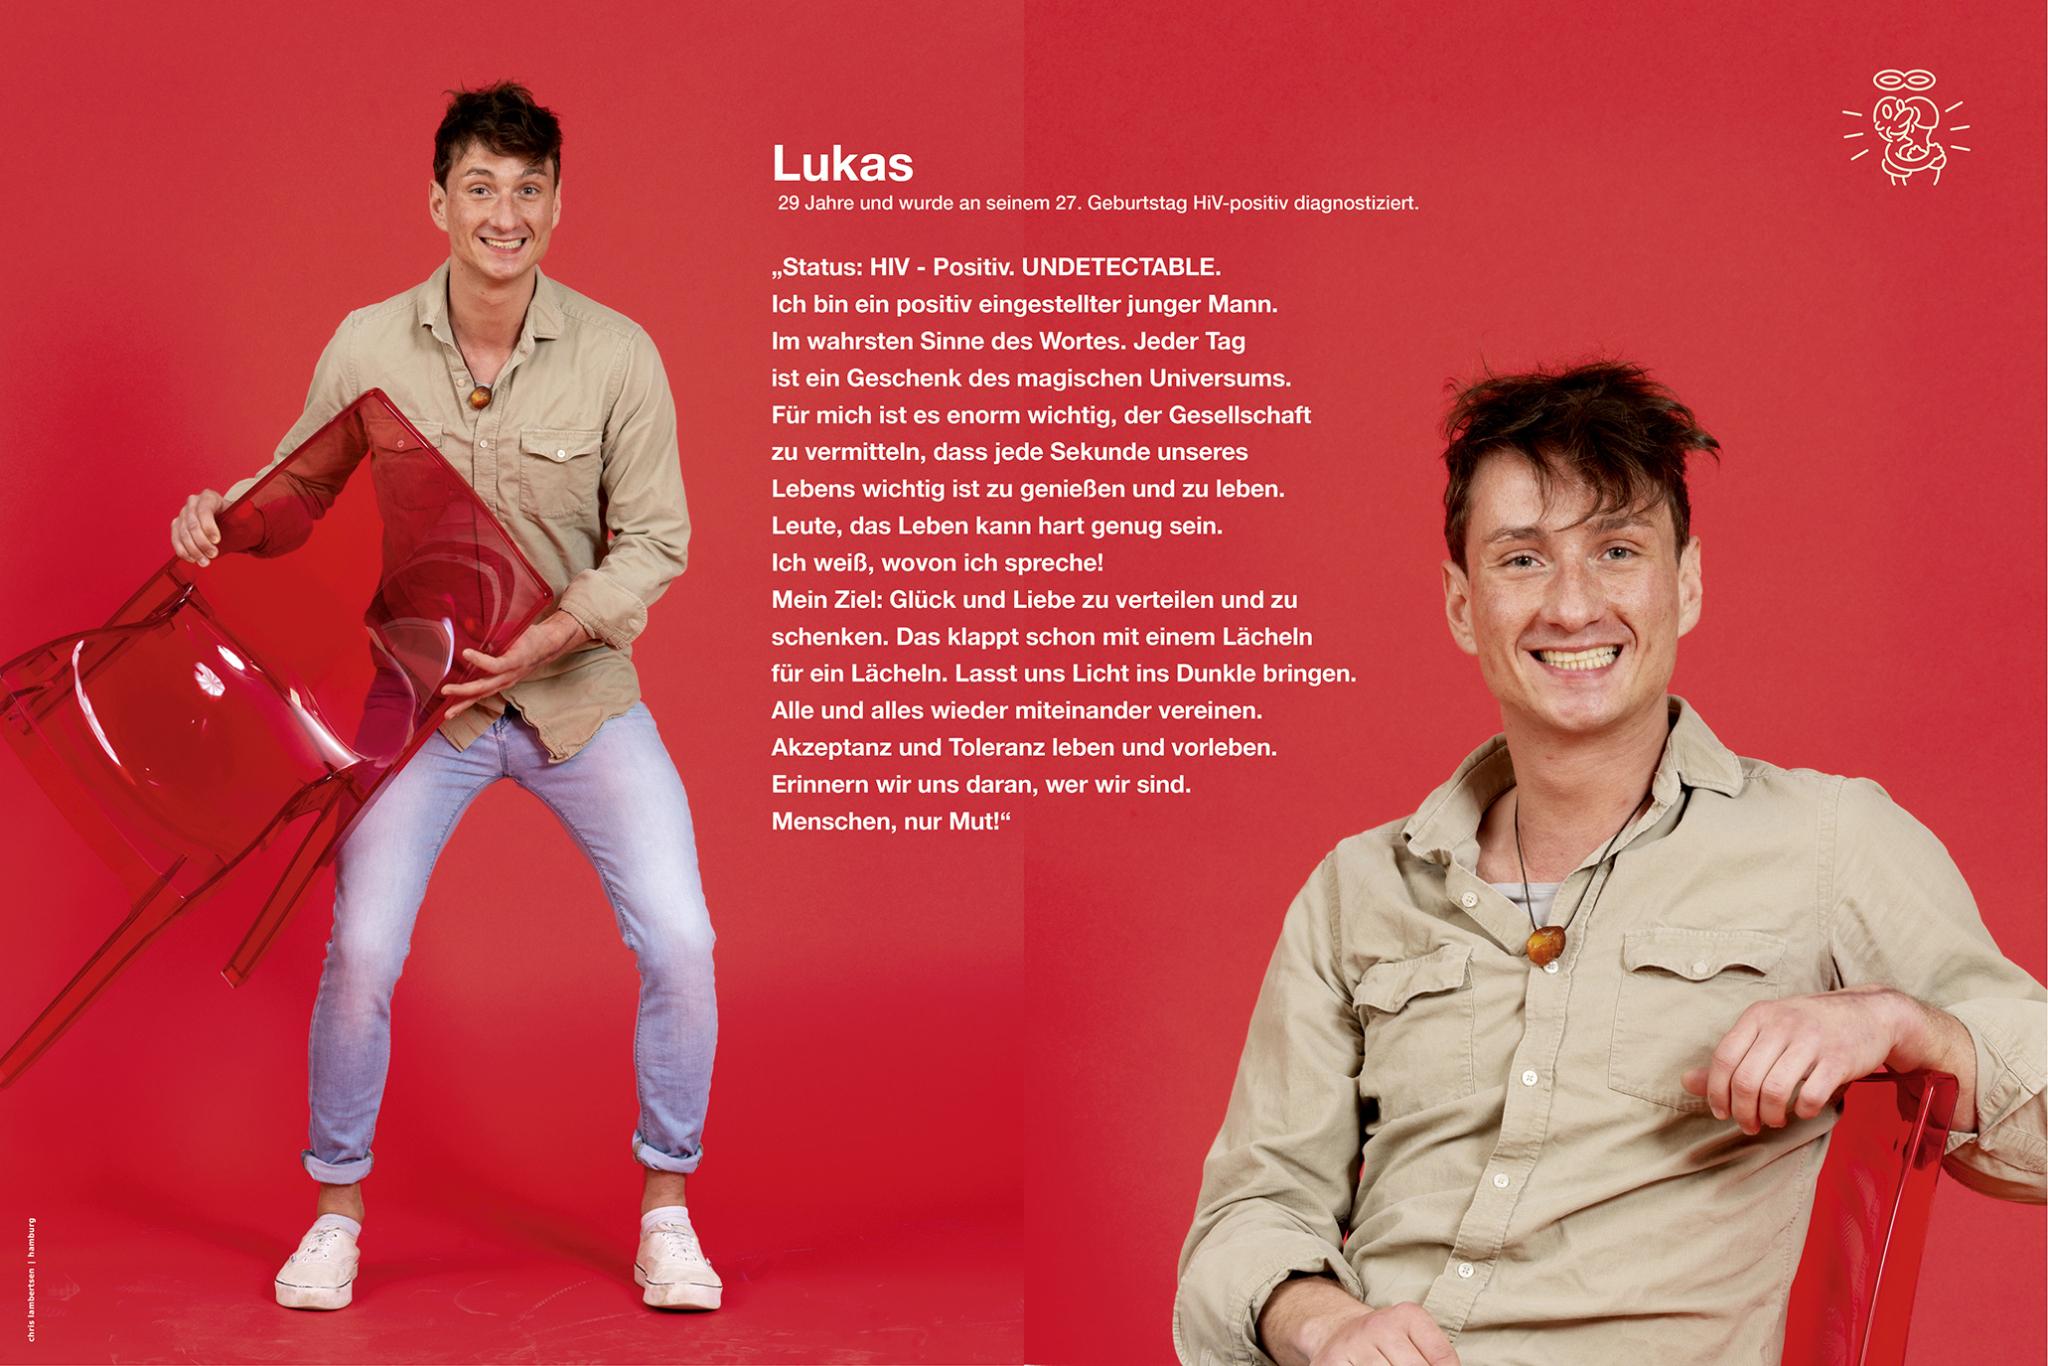 Lukas_Fotoausstellung soziale Nachhaltigkeit